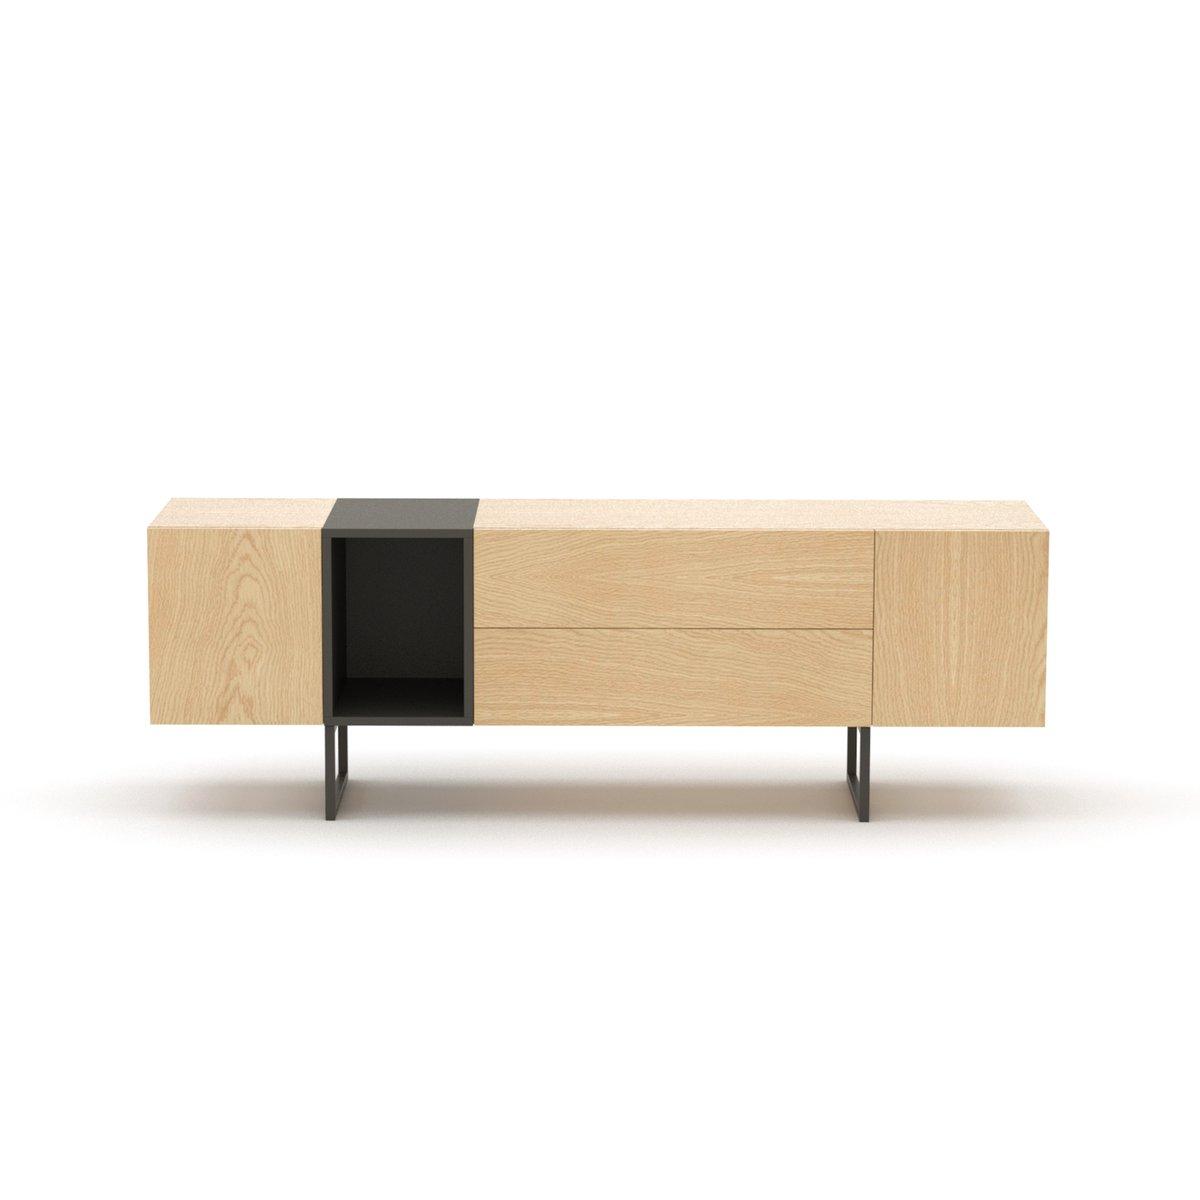 Kommode Sideboard Lowboard Anrichte Wohnzimmer Tv Schrank Holz